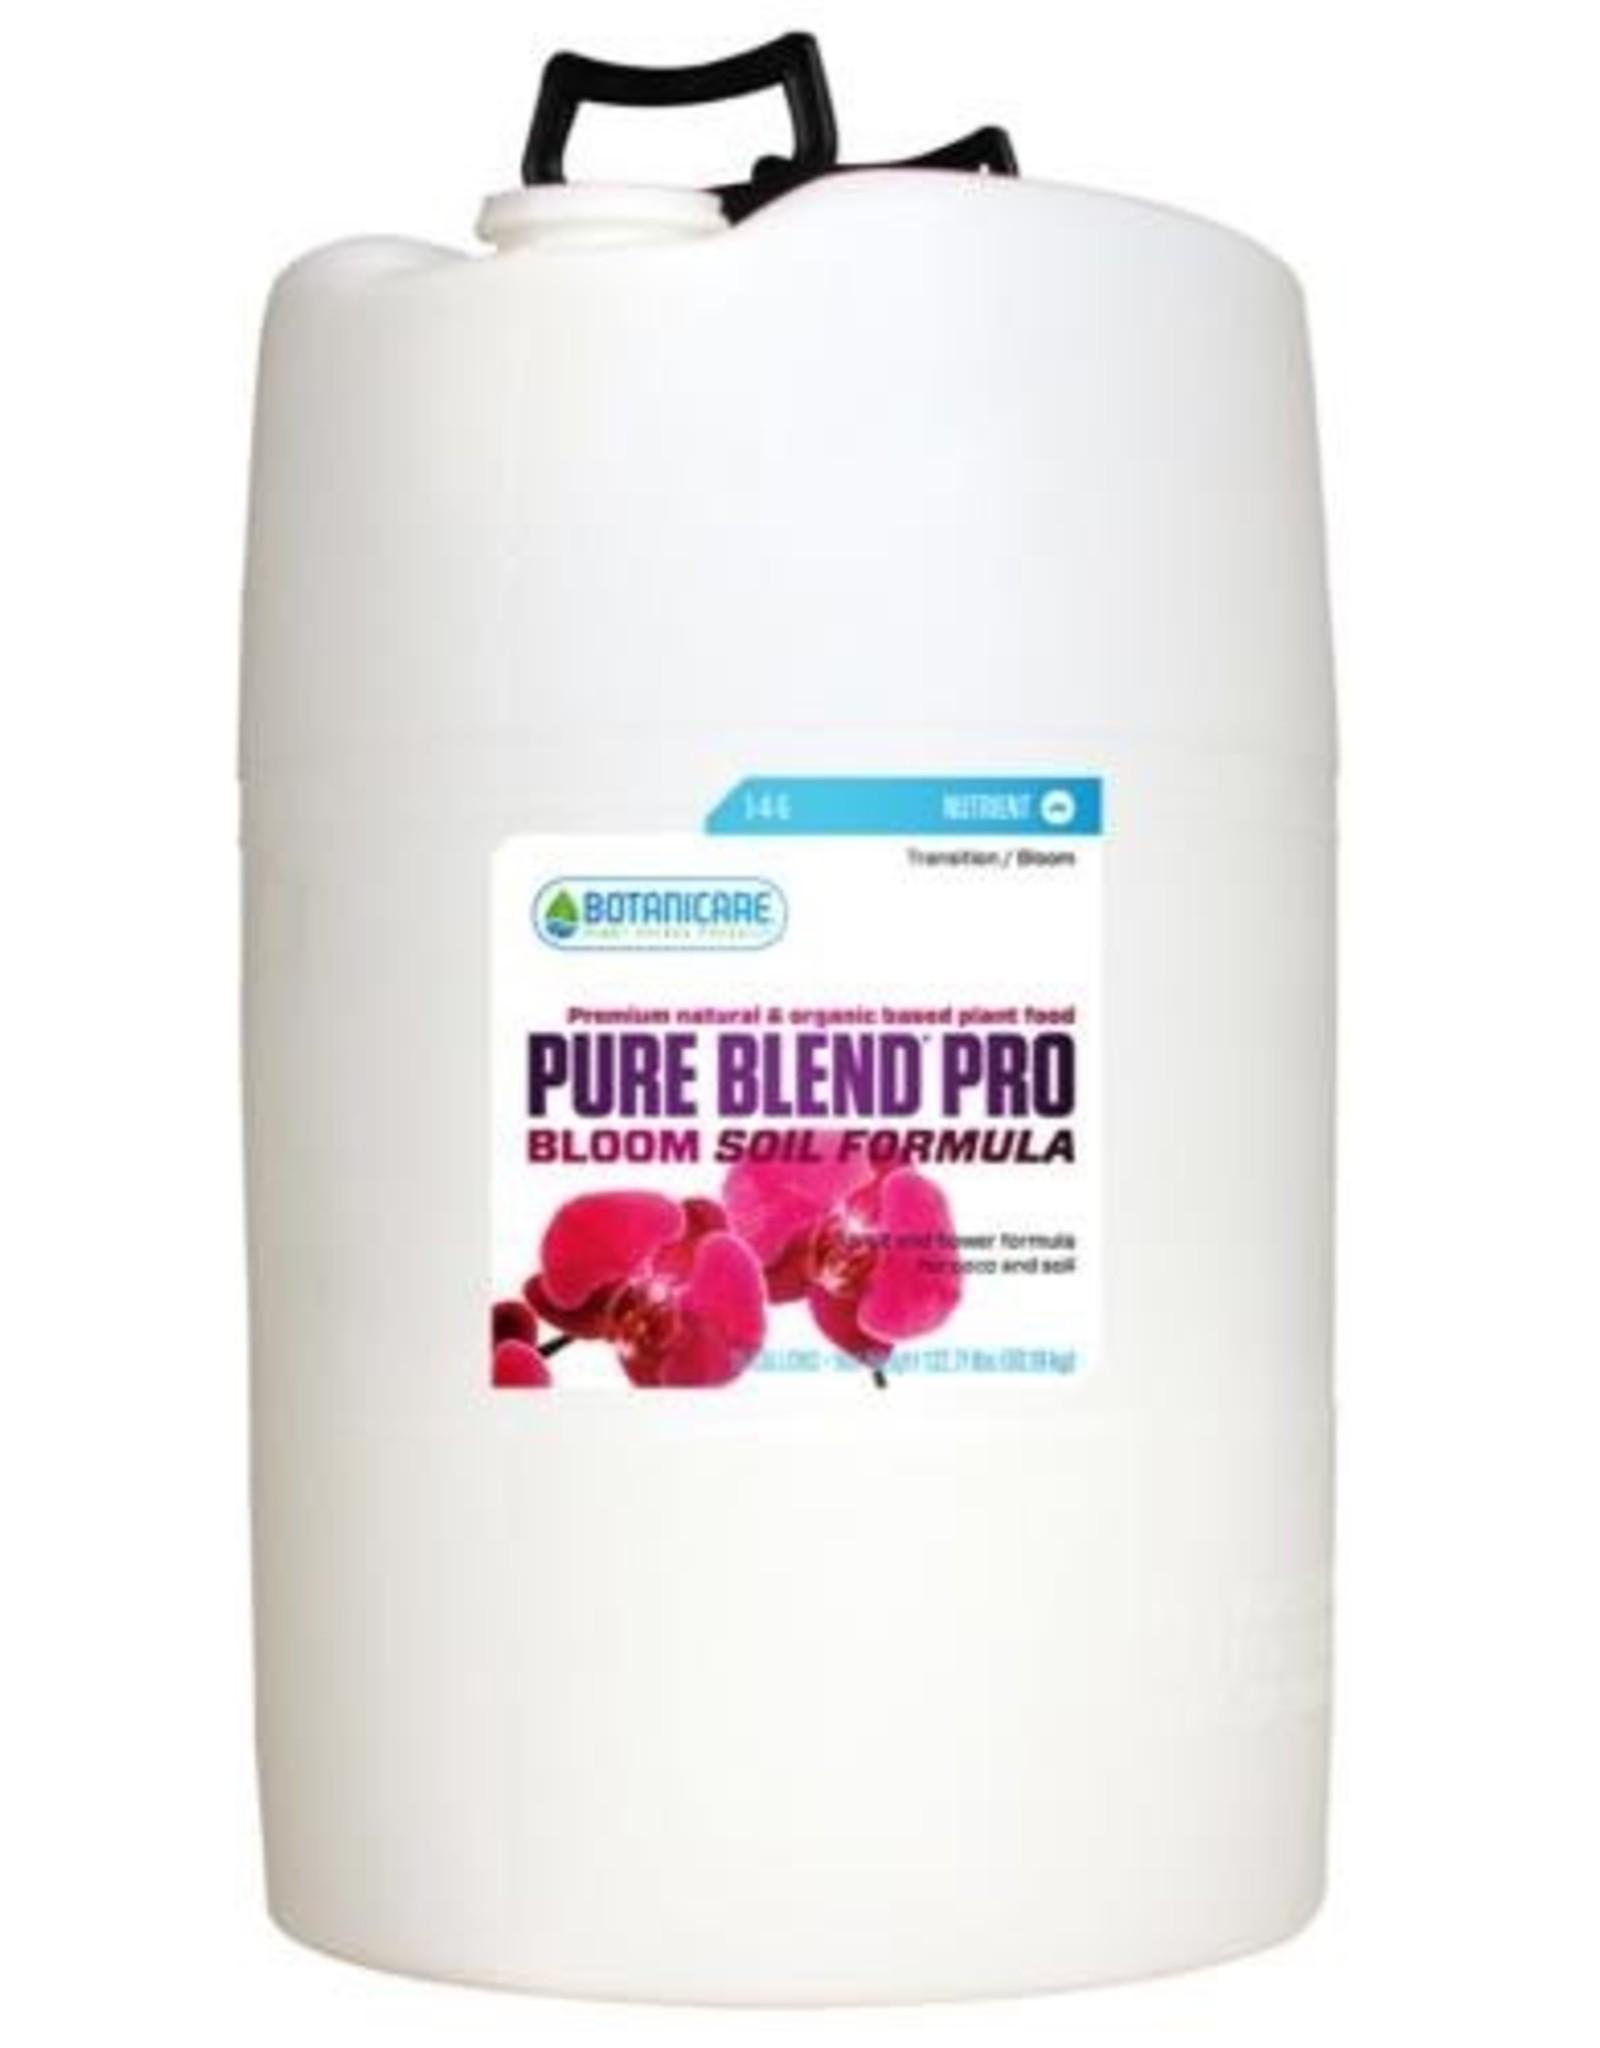 BOTANICARE Botanicare Pure Blend Pro Soil 15 Gallon